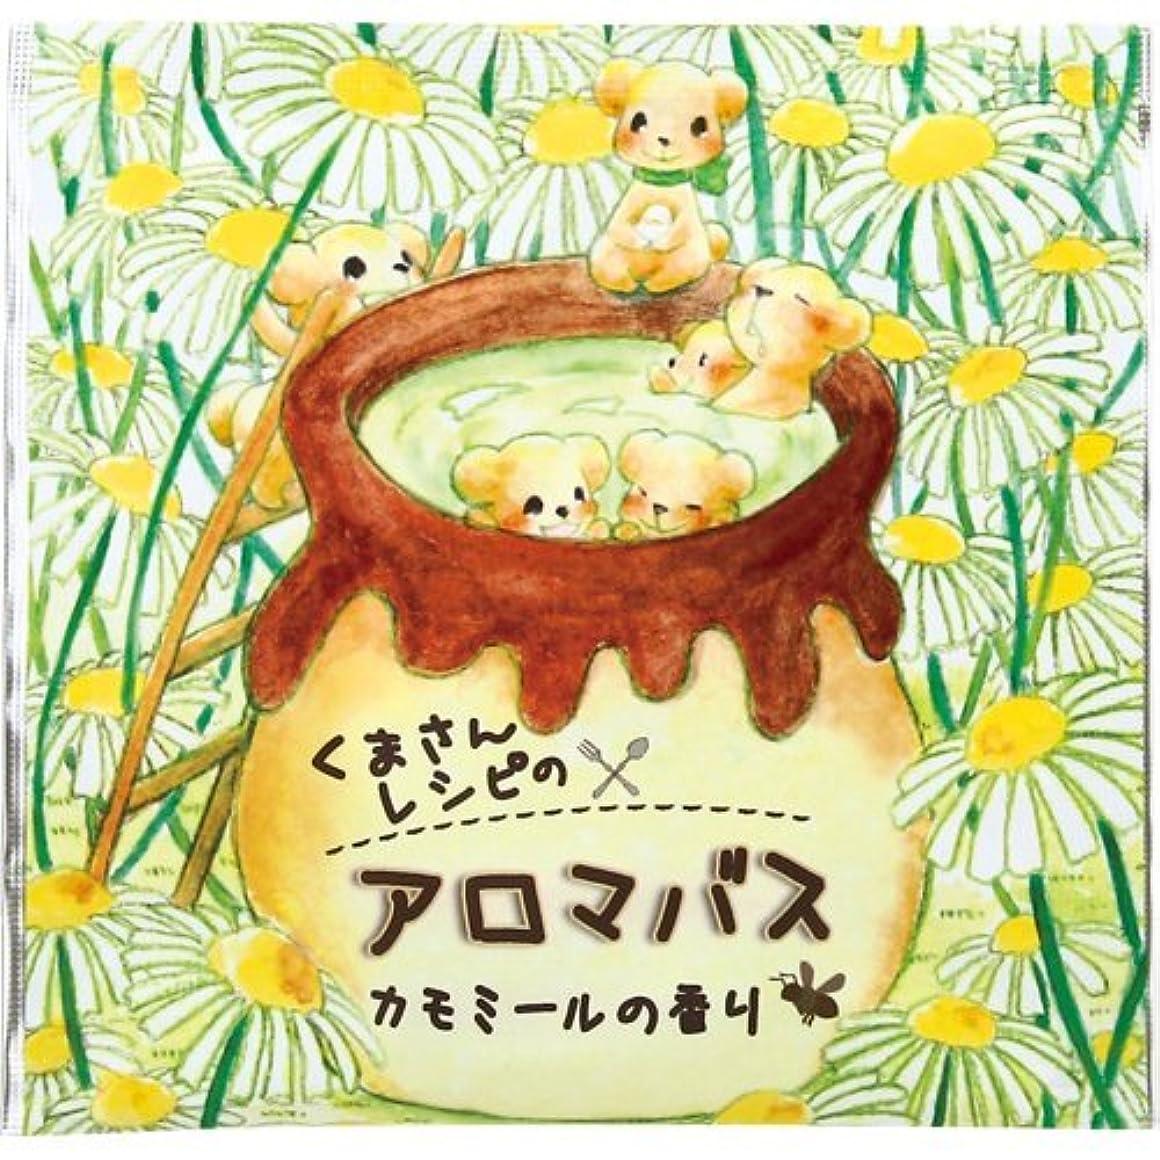 ビケン くまさんレシピのアロマバス カモミール